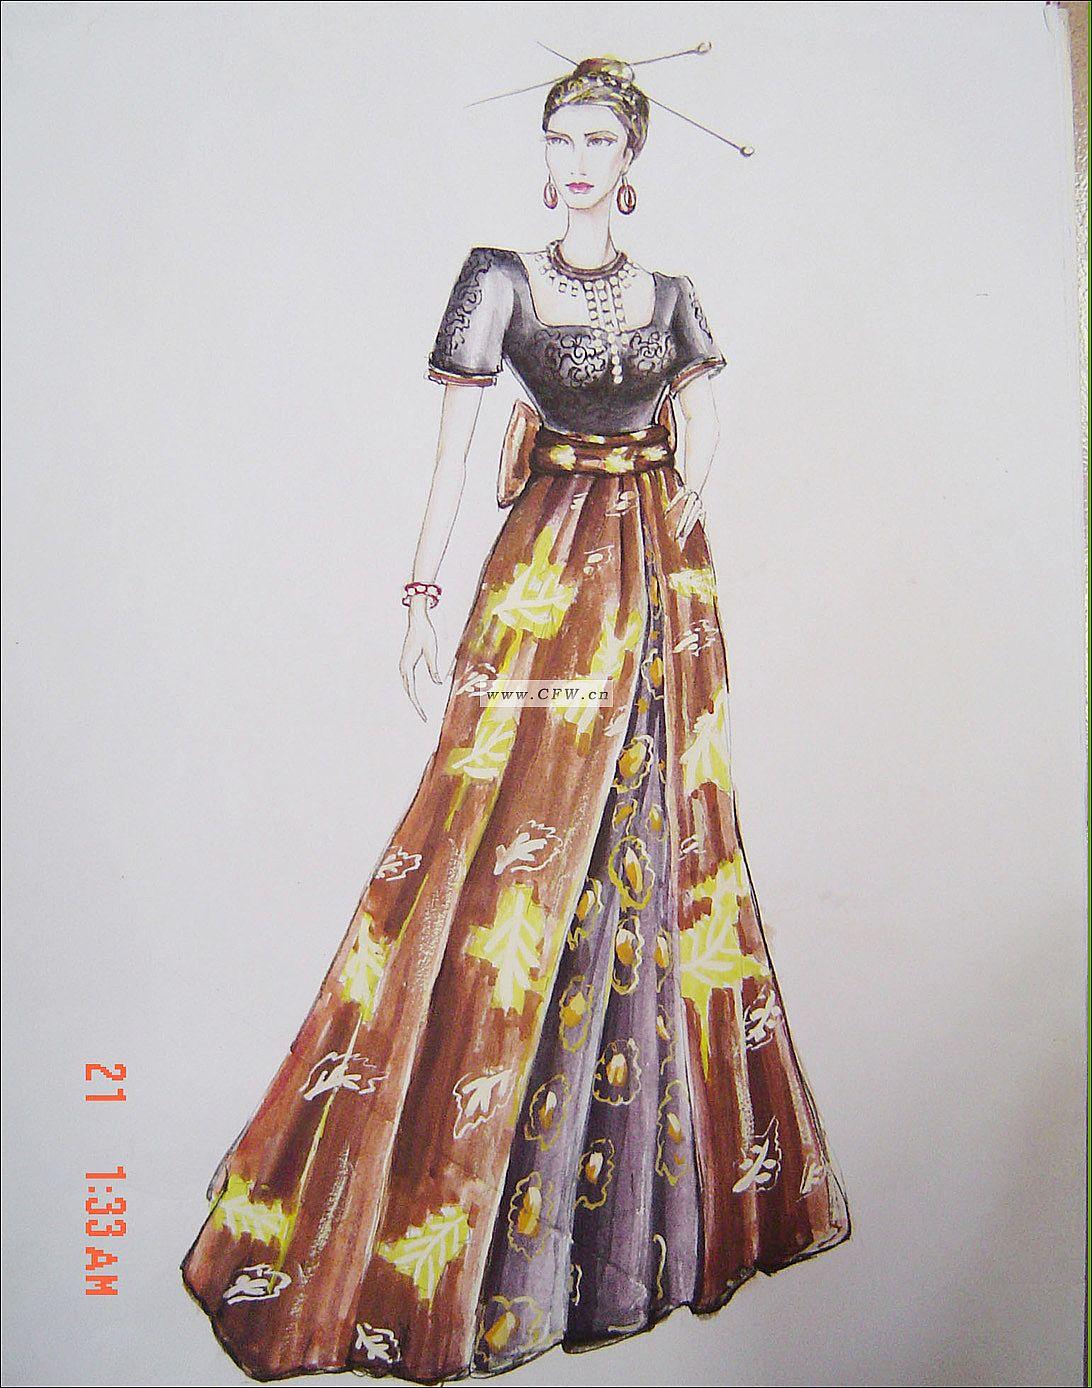 氣質禮服(手繪)-婚紗禮服設計-服裝設計